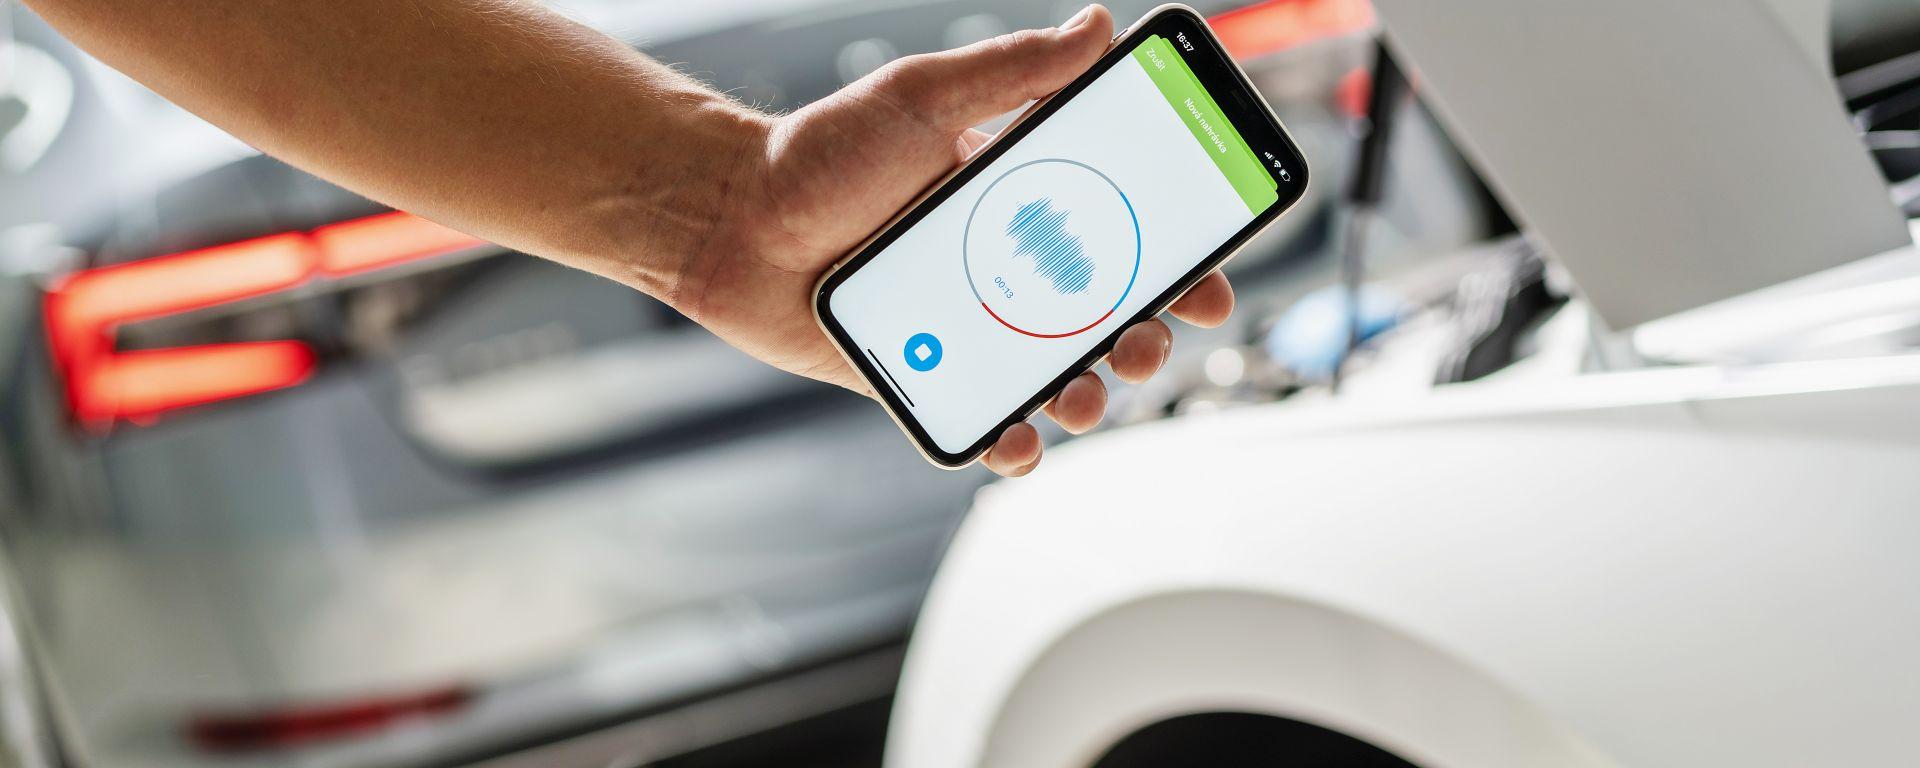 Skoda, un'app diagnostica il problema tramite il...rumore